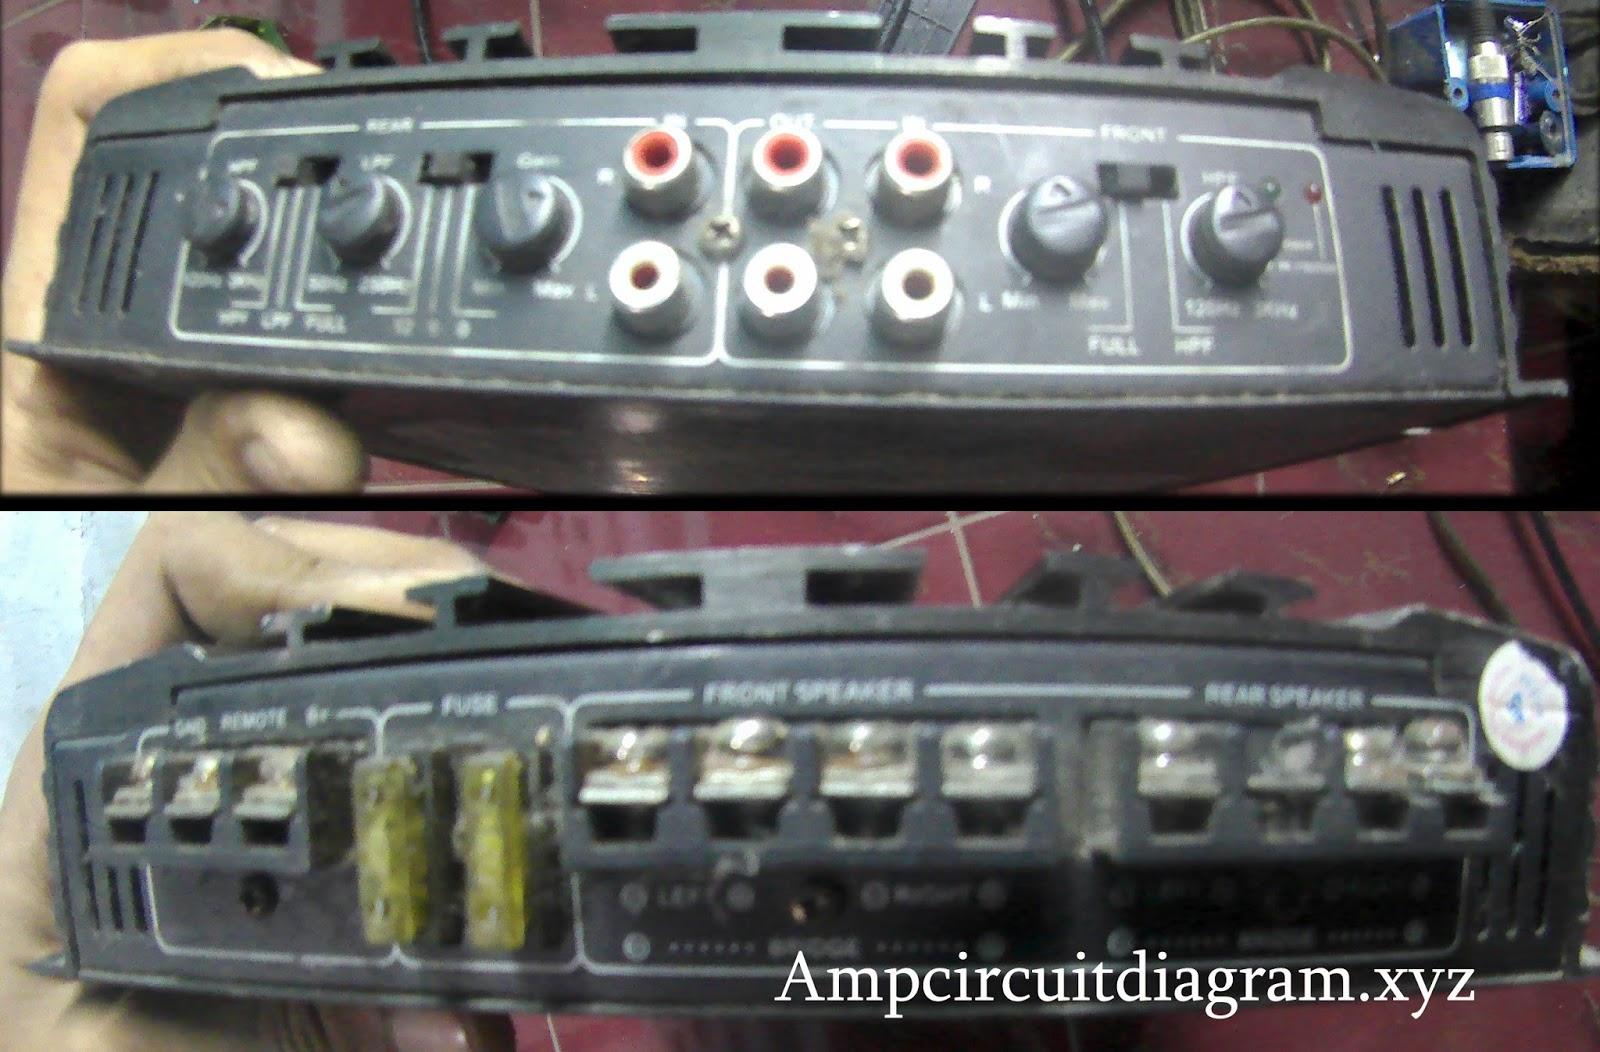 Power Amplifier Images La4550 Audio Circuit